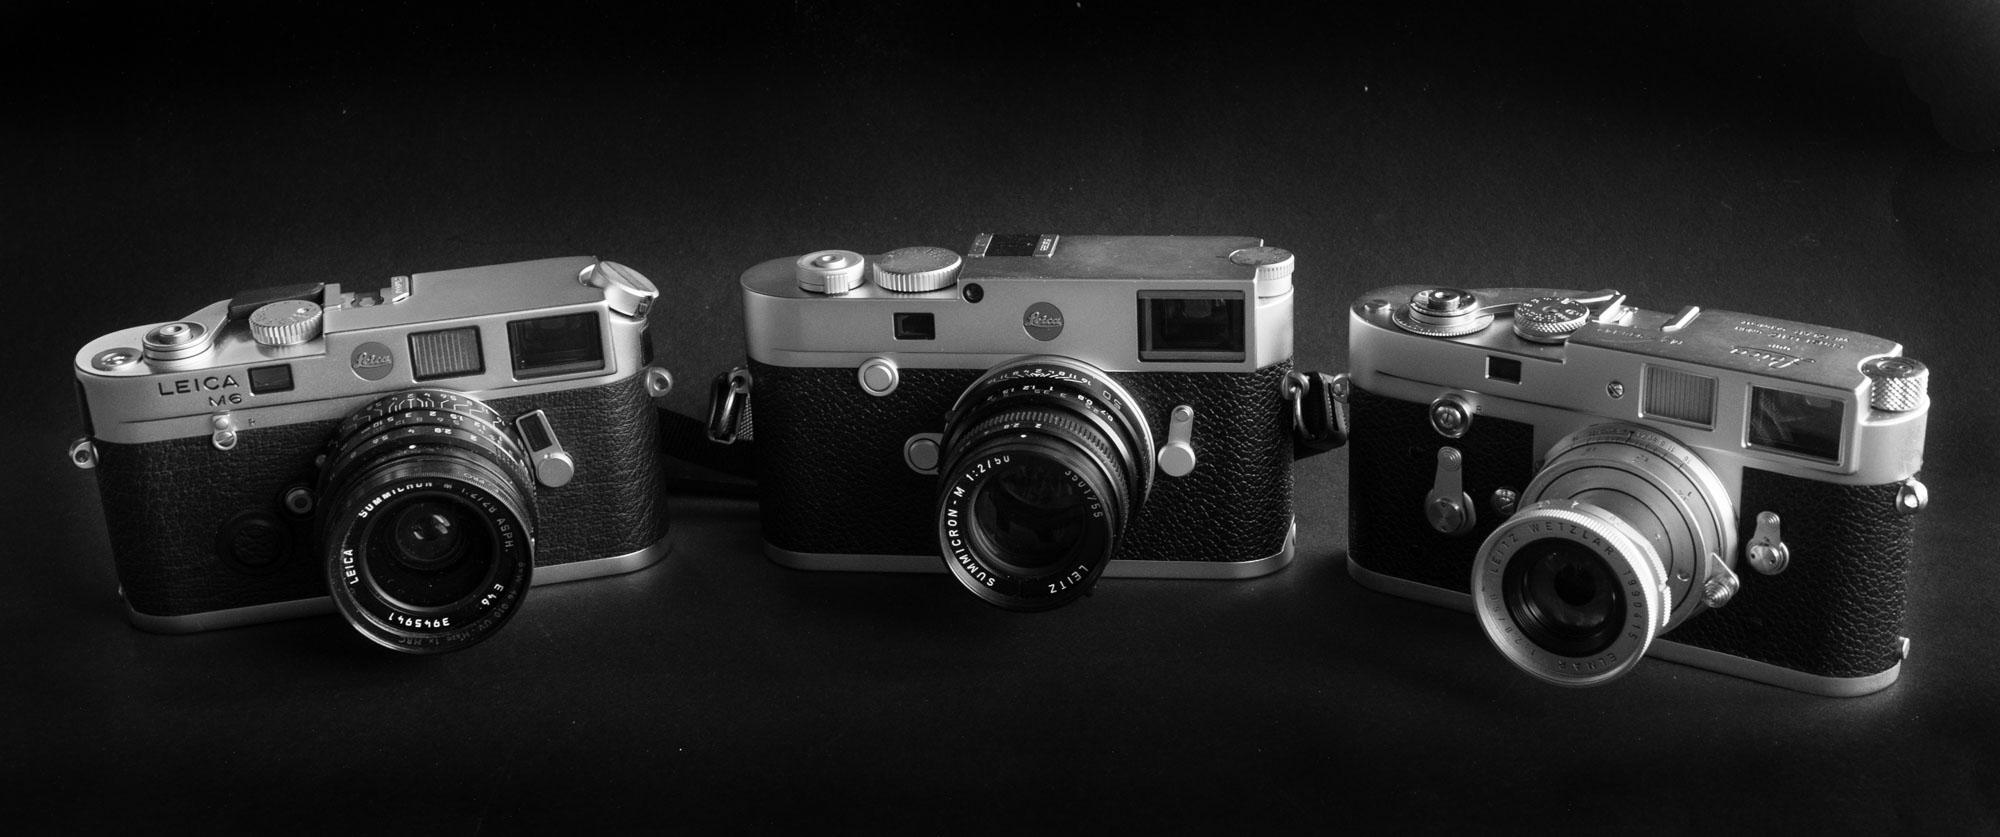 Leica M10 - Erste Eindrücke - MesssucherweltMesssucherwelt